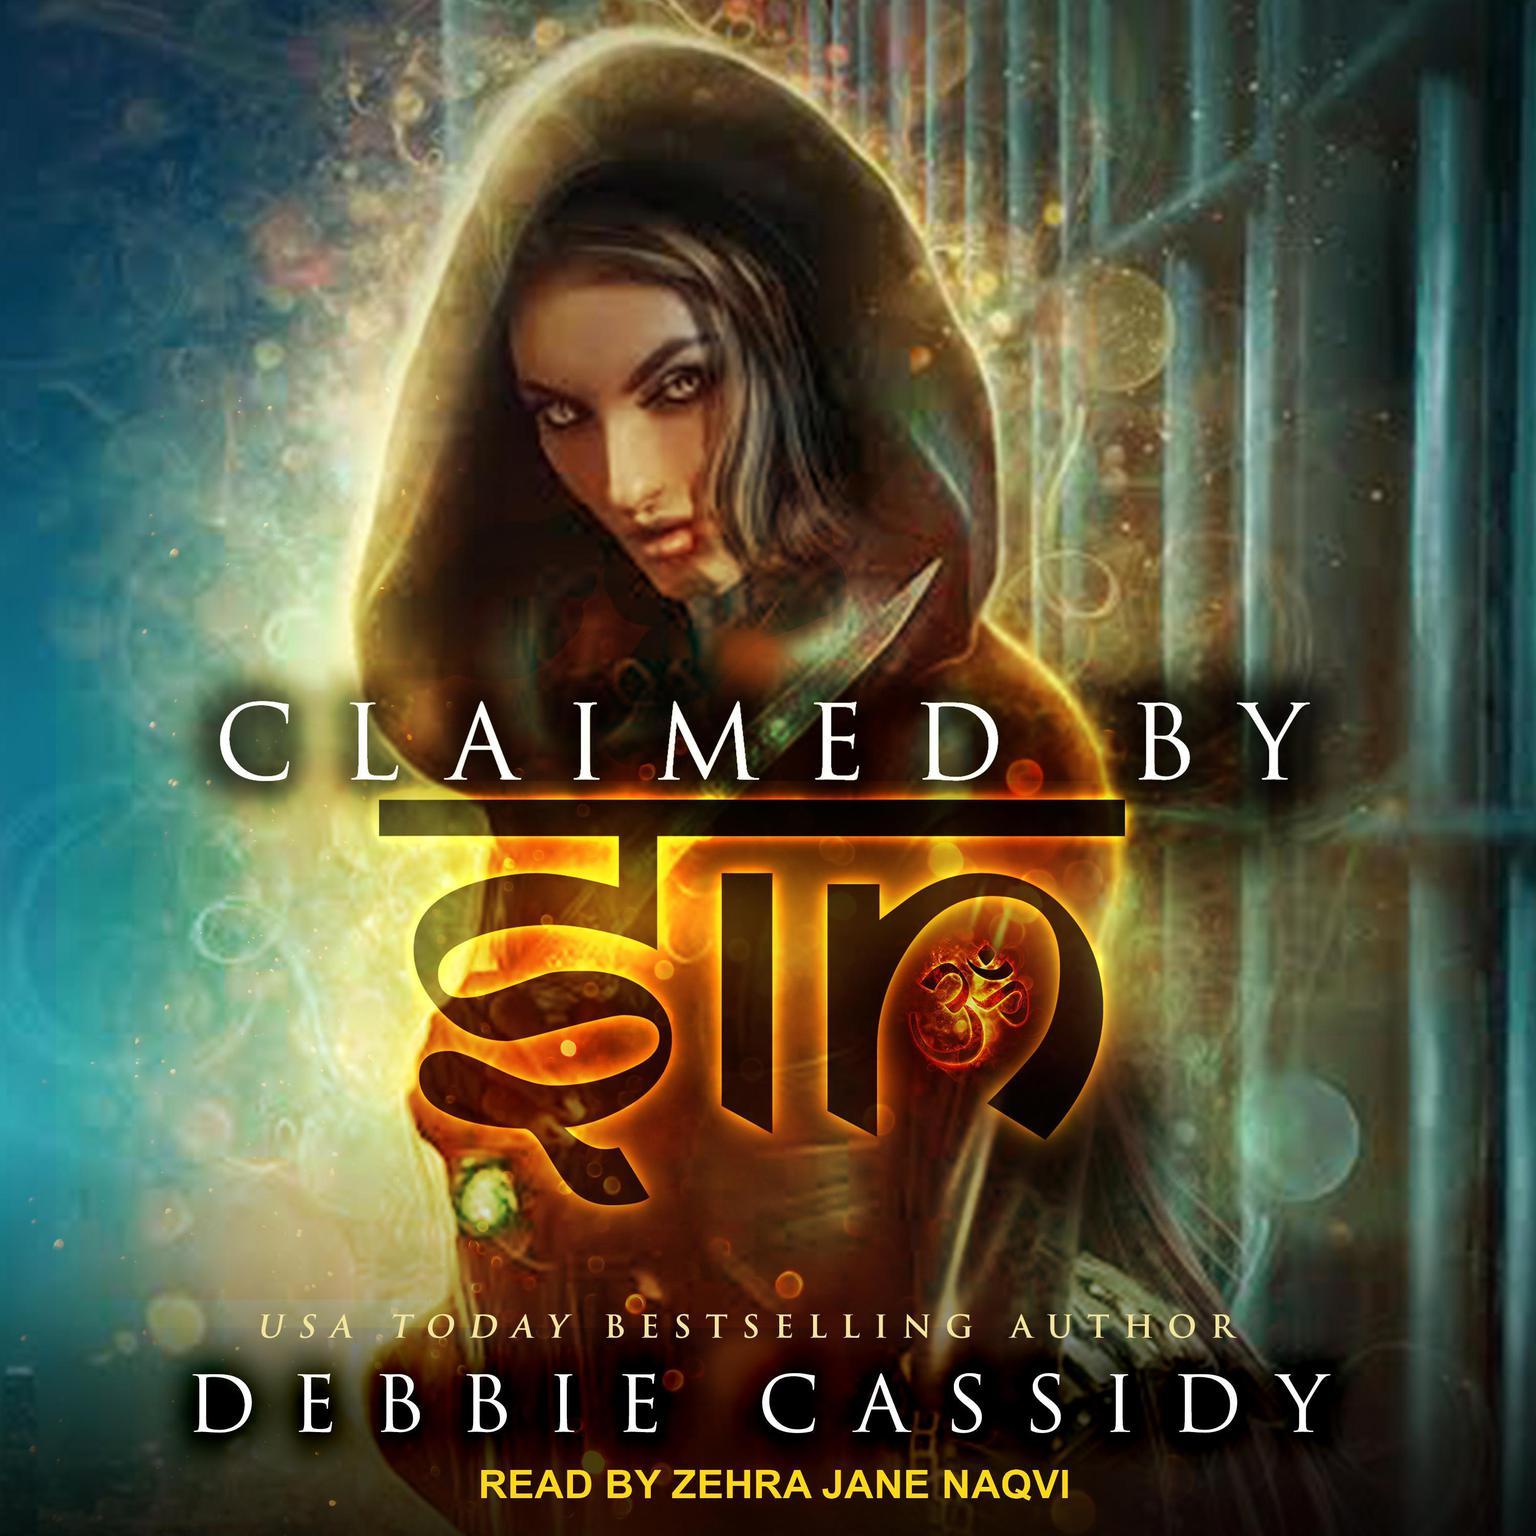 Claimed by Sin: An Urban Fantasy Novel Audiobook, by Jasmine Walt